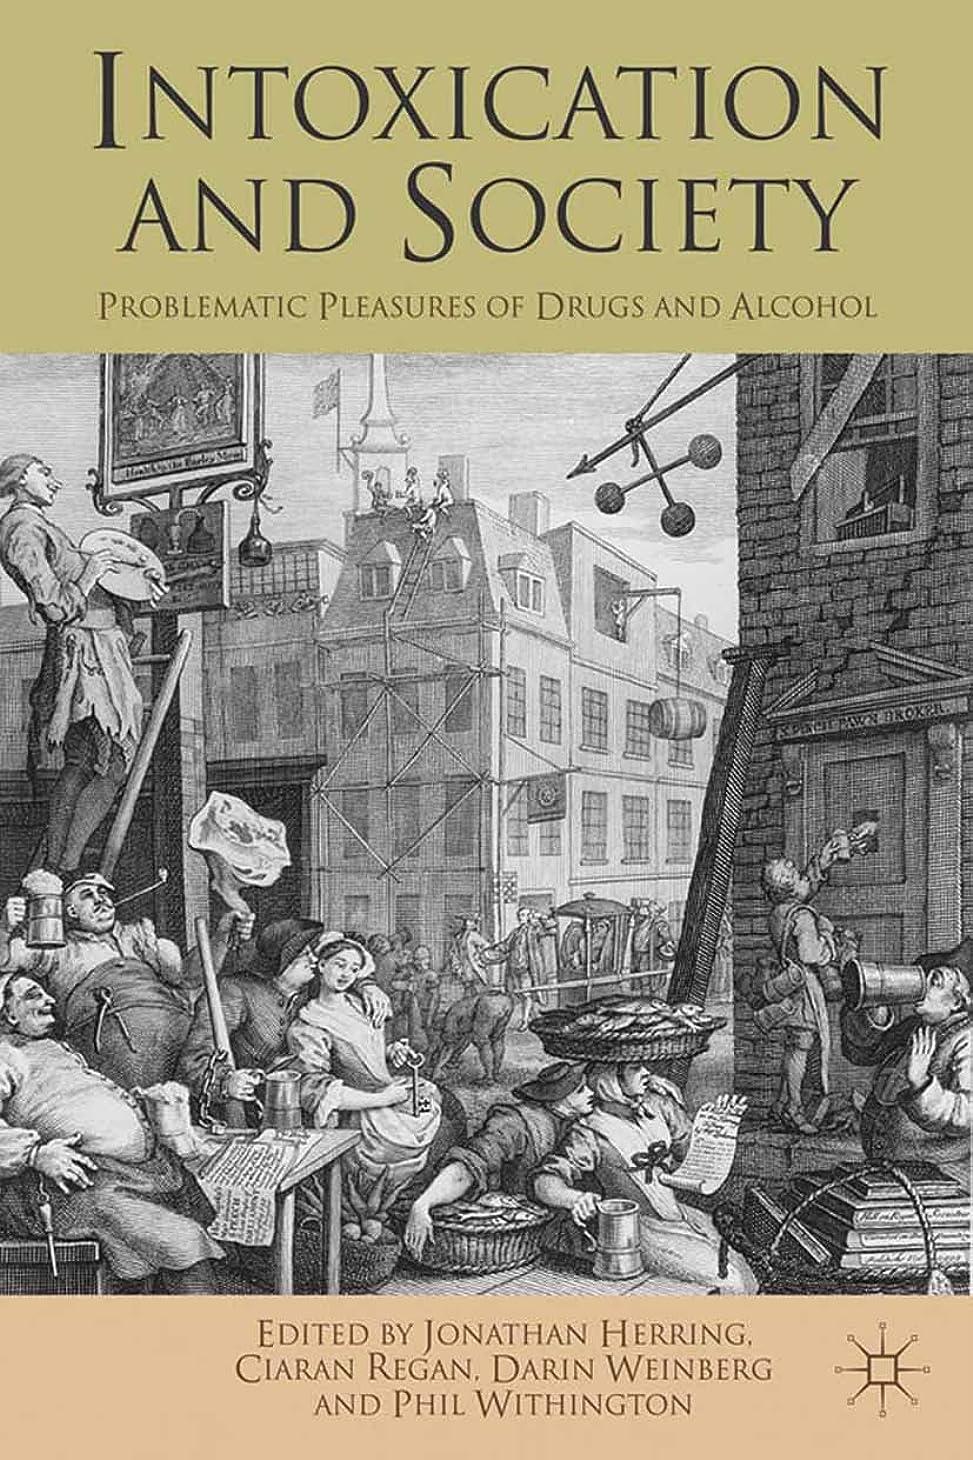 バンジージャンプ再集計規定Intoxication and Society: Problematic Pleasures of Drugs and Alcohol (English Edition)